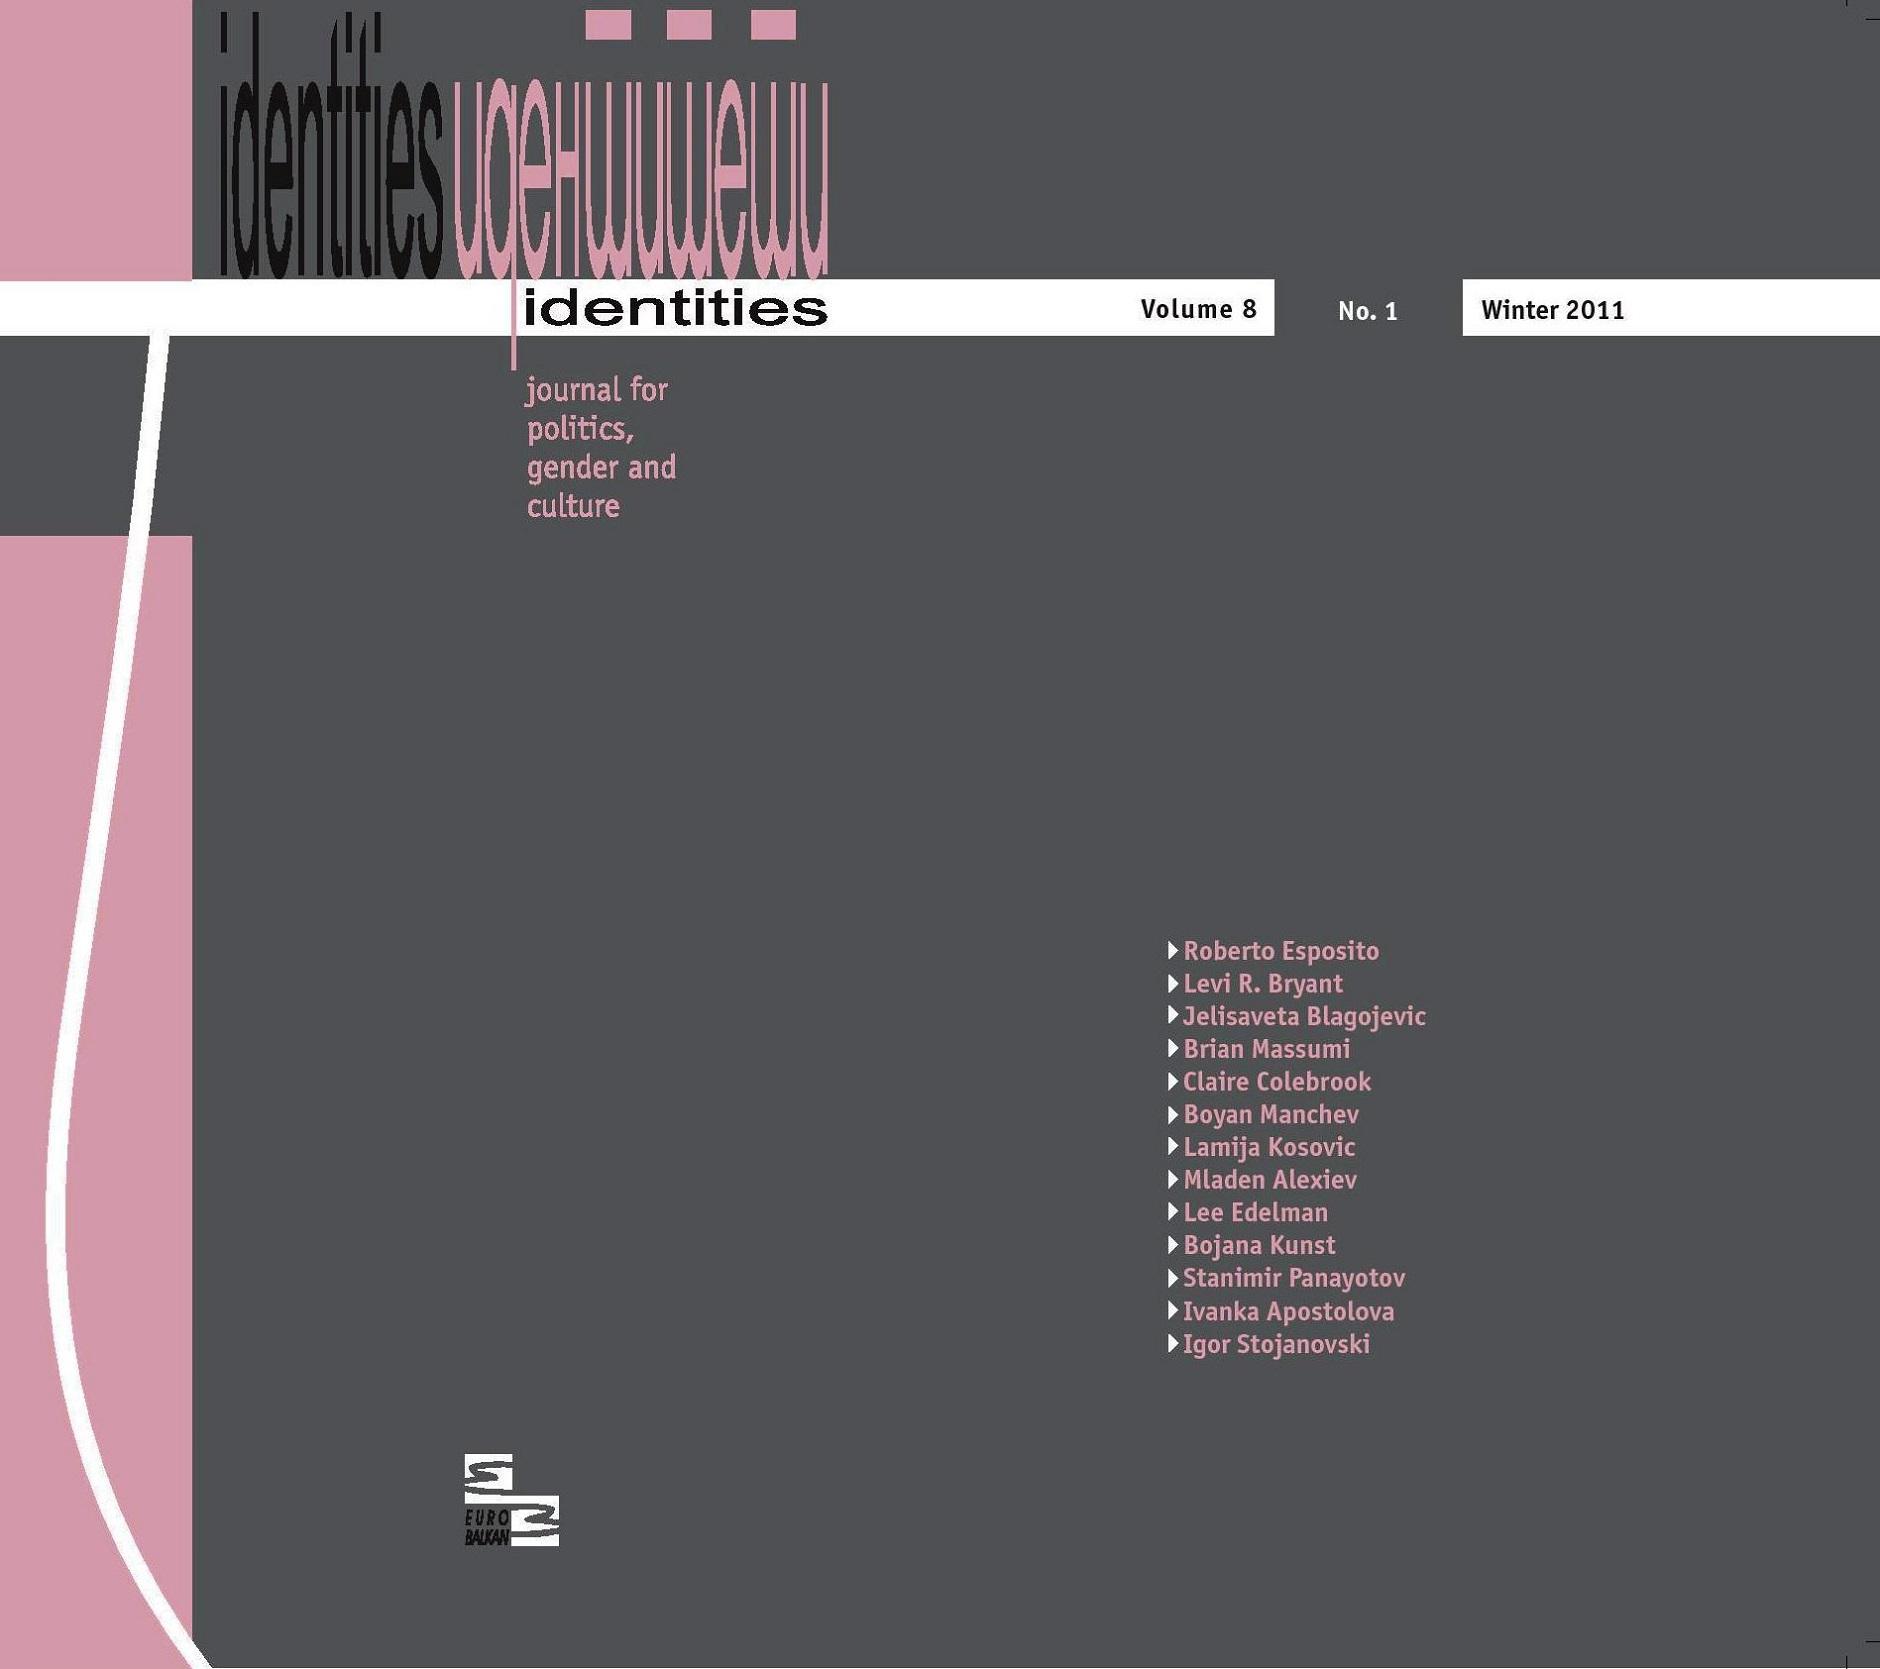 View Vol. 8 No. 1 (2011): Vol. 8, No. 1 (Winter 2011) - Issue No. 18   edited by Slavčo Dimitrov